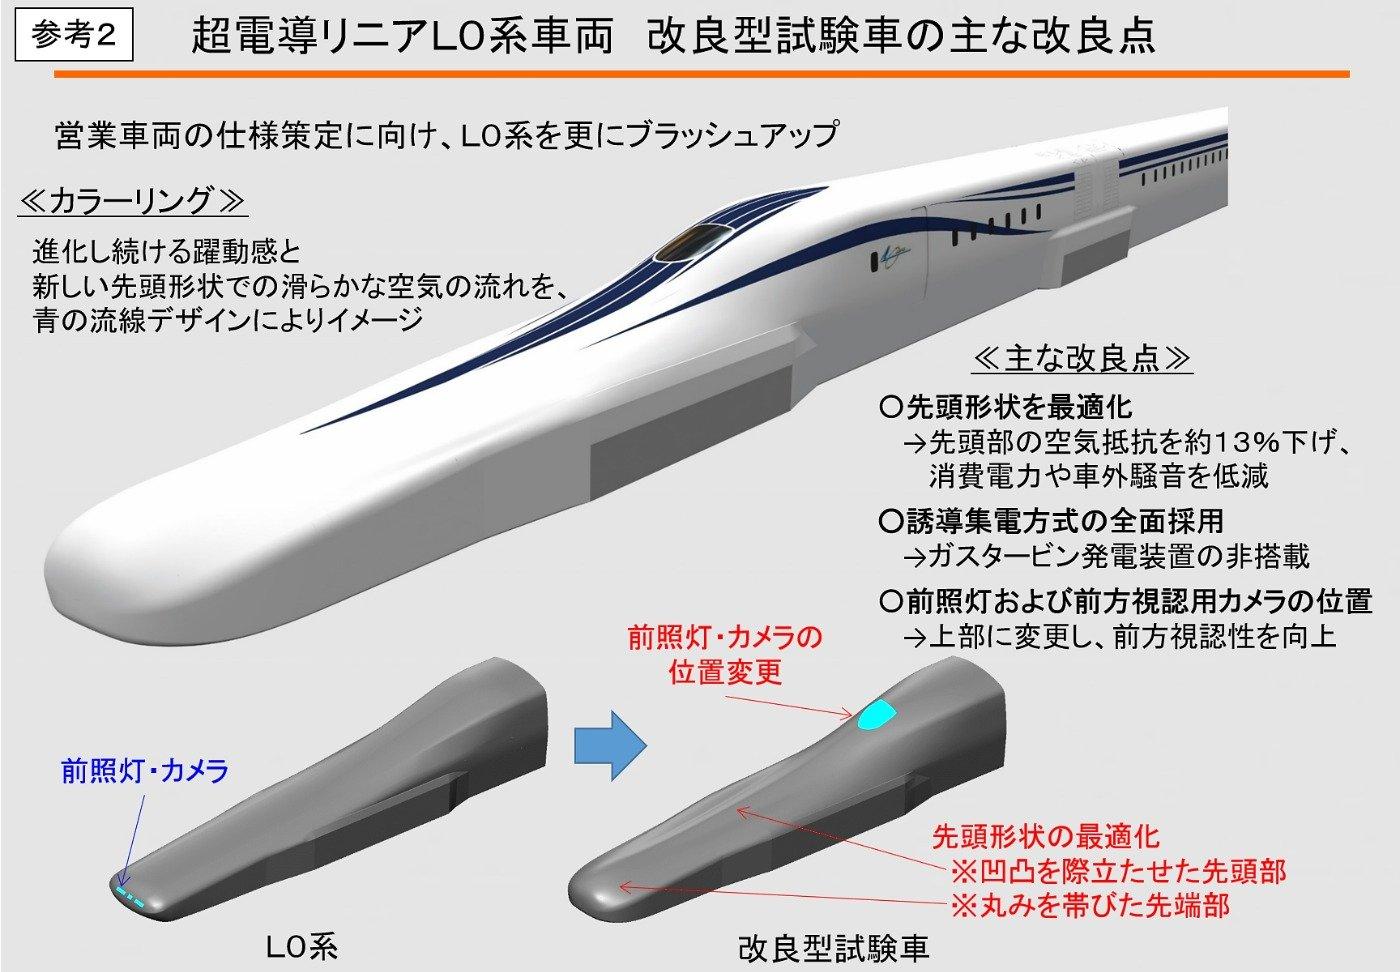 超電導リニアL0系改良型試験車の主な改良点